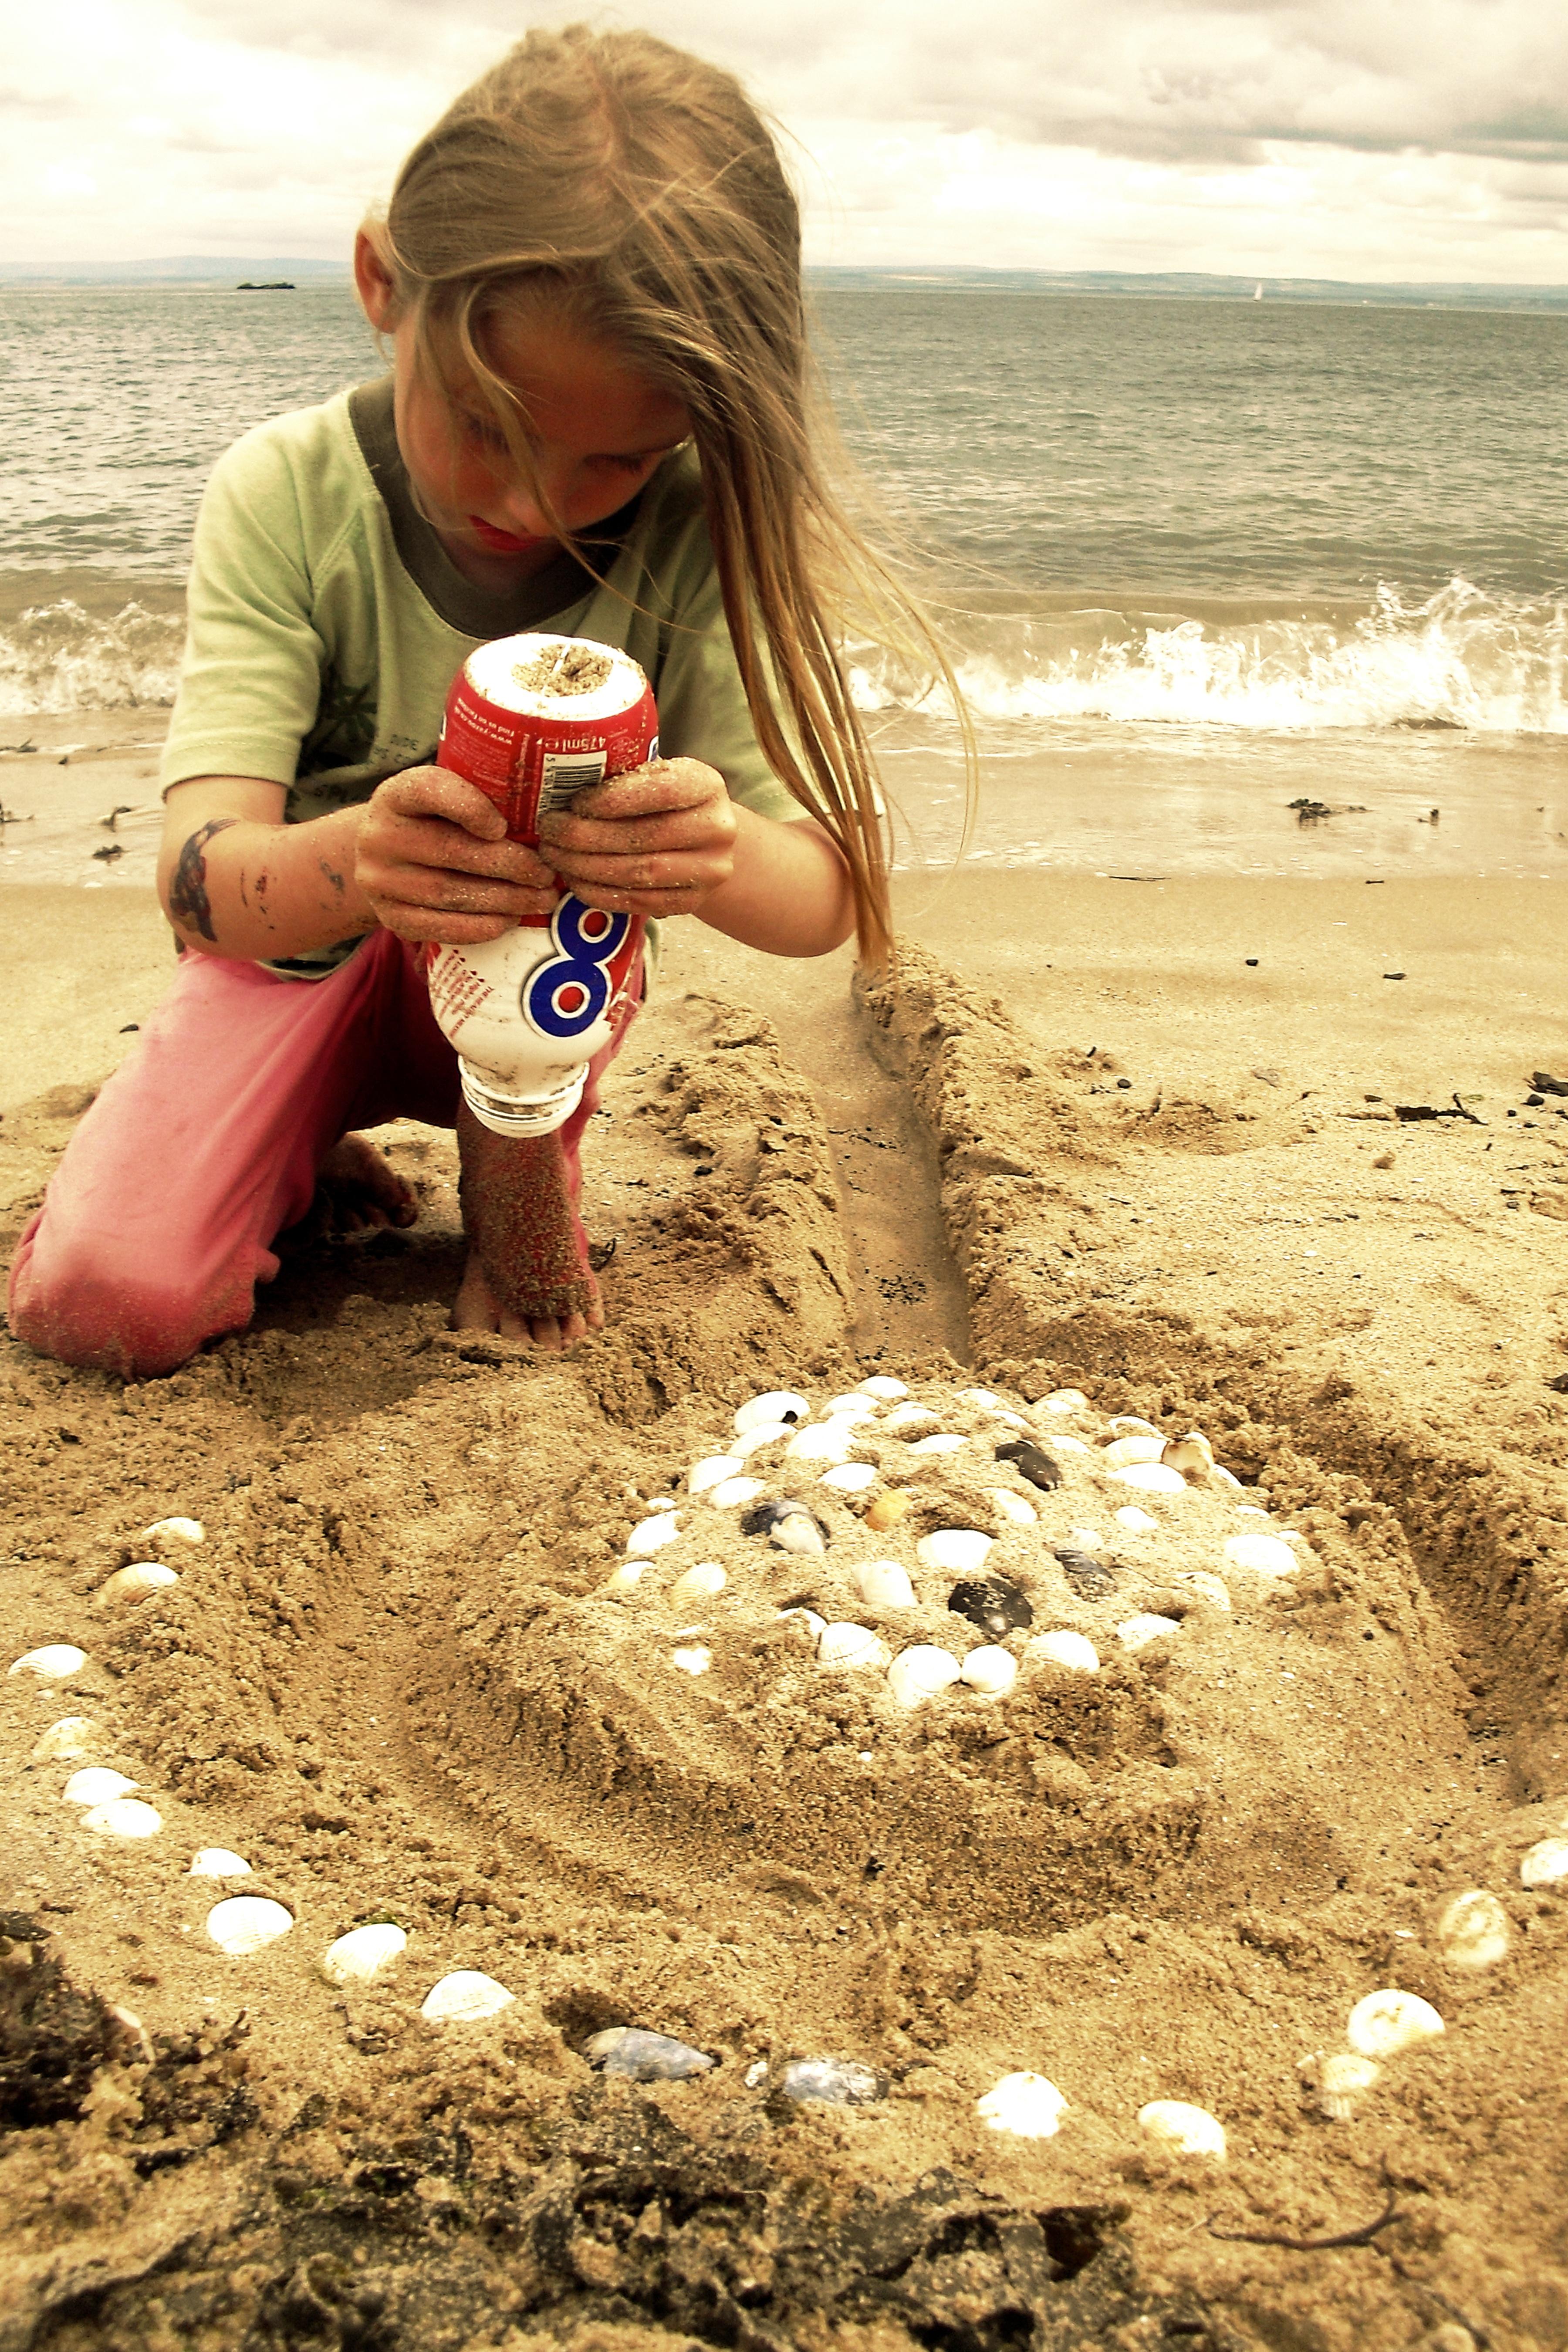 игры на песке с картинками знают языков, отличие